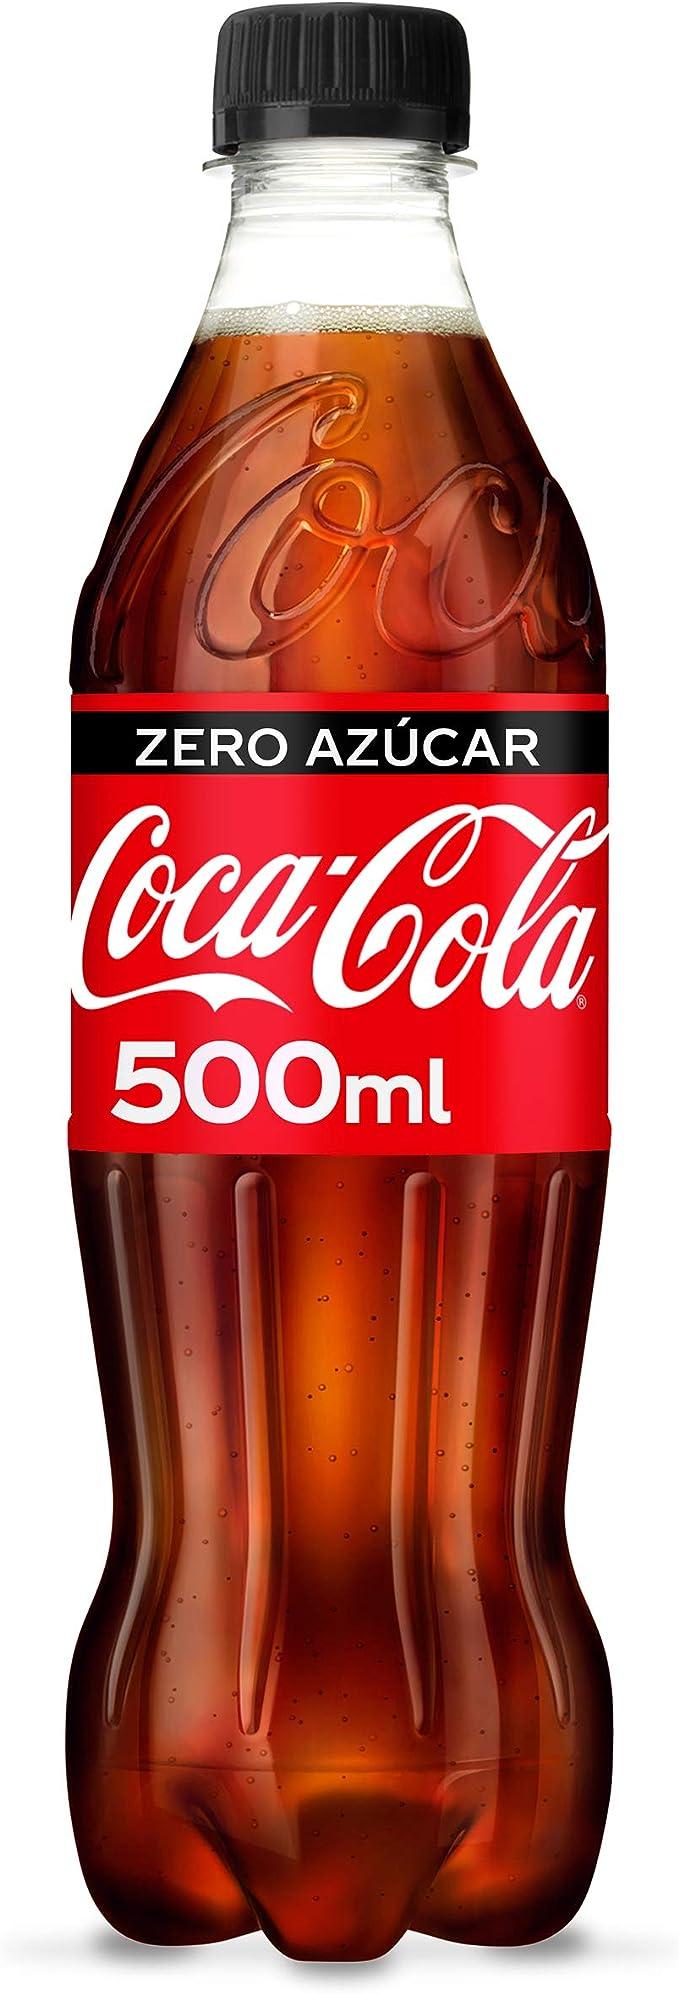 Coca-Cola Zero Azúcar Botella - 500 ml: Amazon.es: Alimentación y bebidas